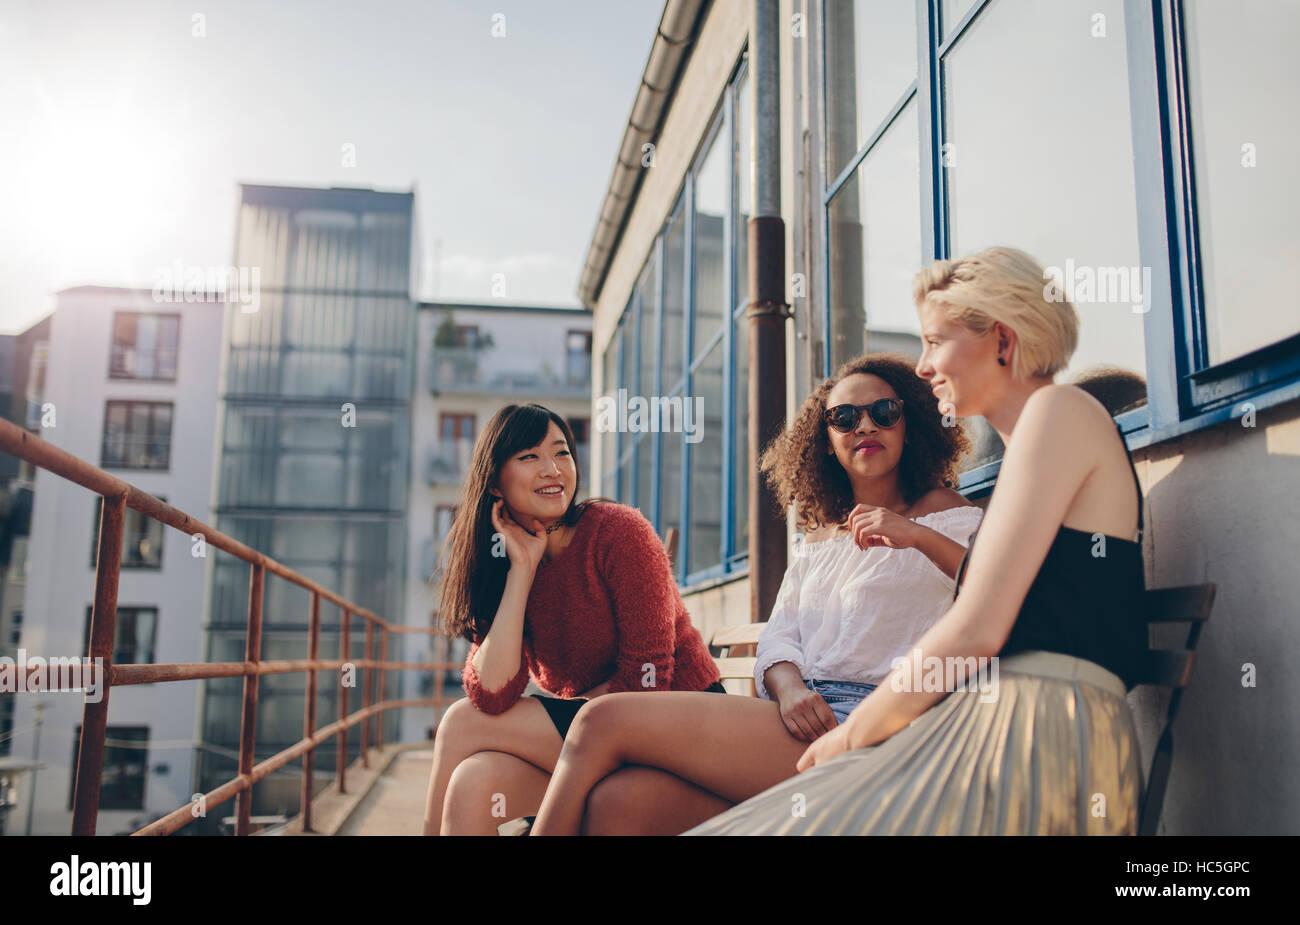 Tres amigas jóvenes sentados en el balcón. Las mujeres relajarse al aire libre y conversando. Imagen De Stock